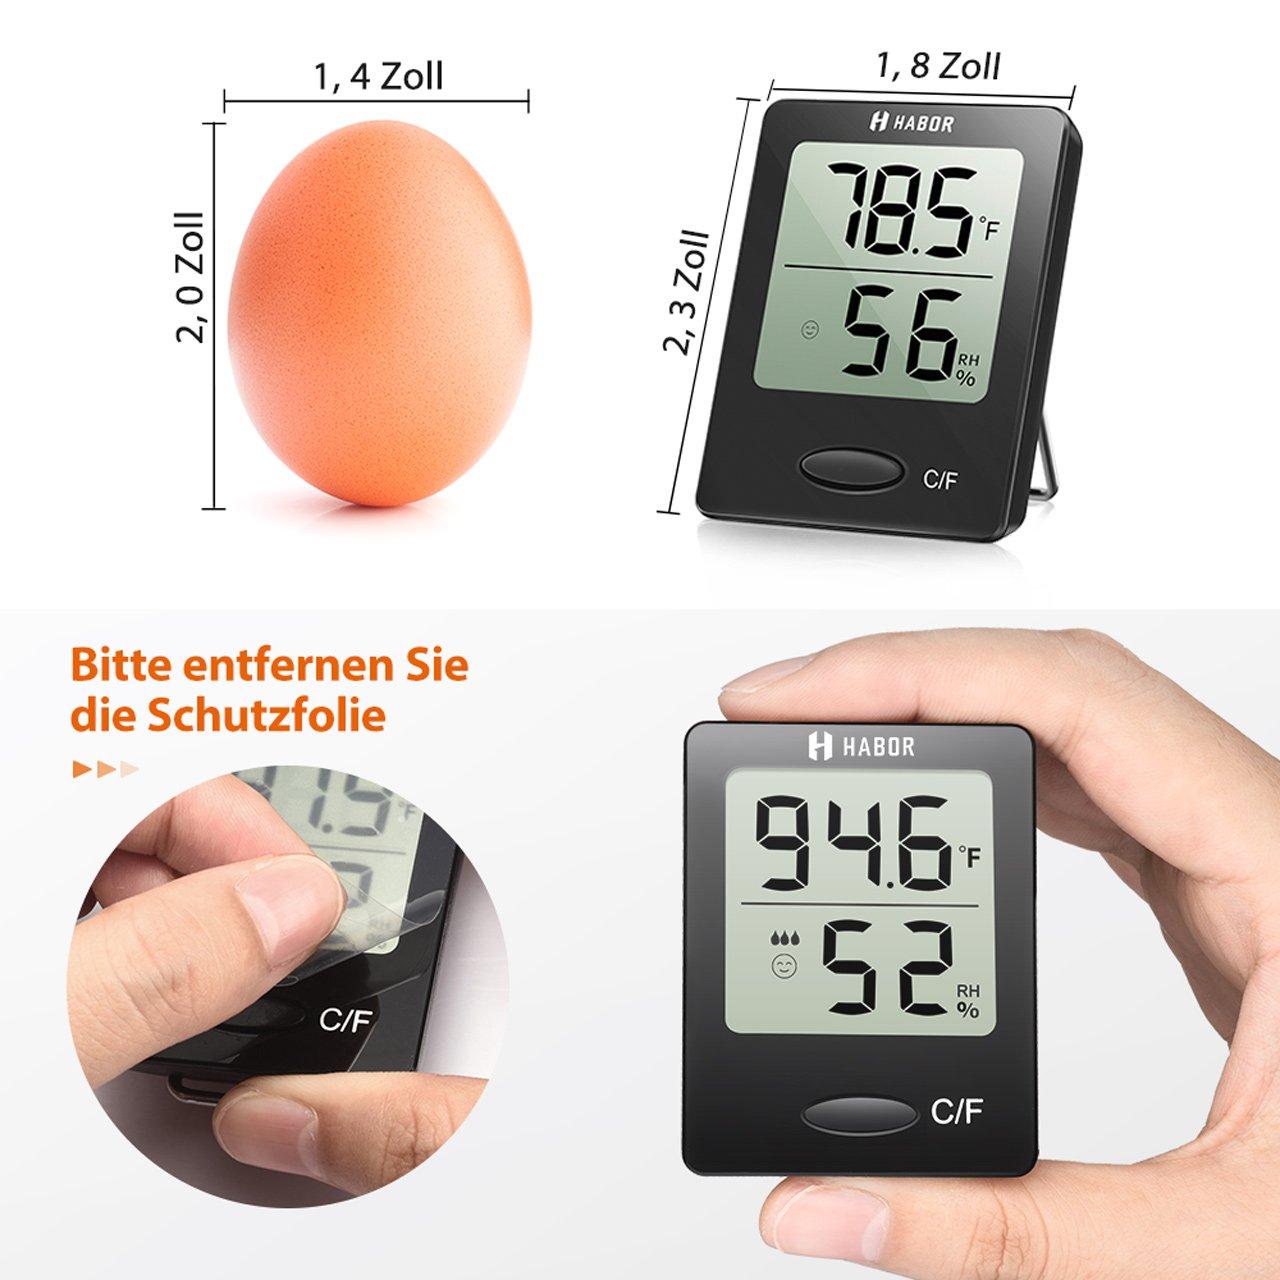 B/üro usw. Habor Thermo-Hygrometer EIN Paar Thermometer und Hygrometer digitales Thermo-Hygrometer f/ür Babyraum Komfortanzeige tragbares Thermometer mit hohen Genauigkeit Wohnzimmer